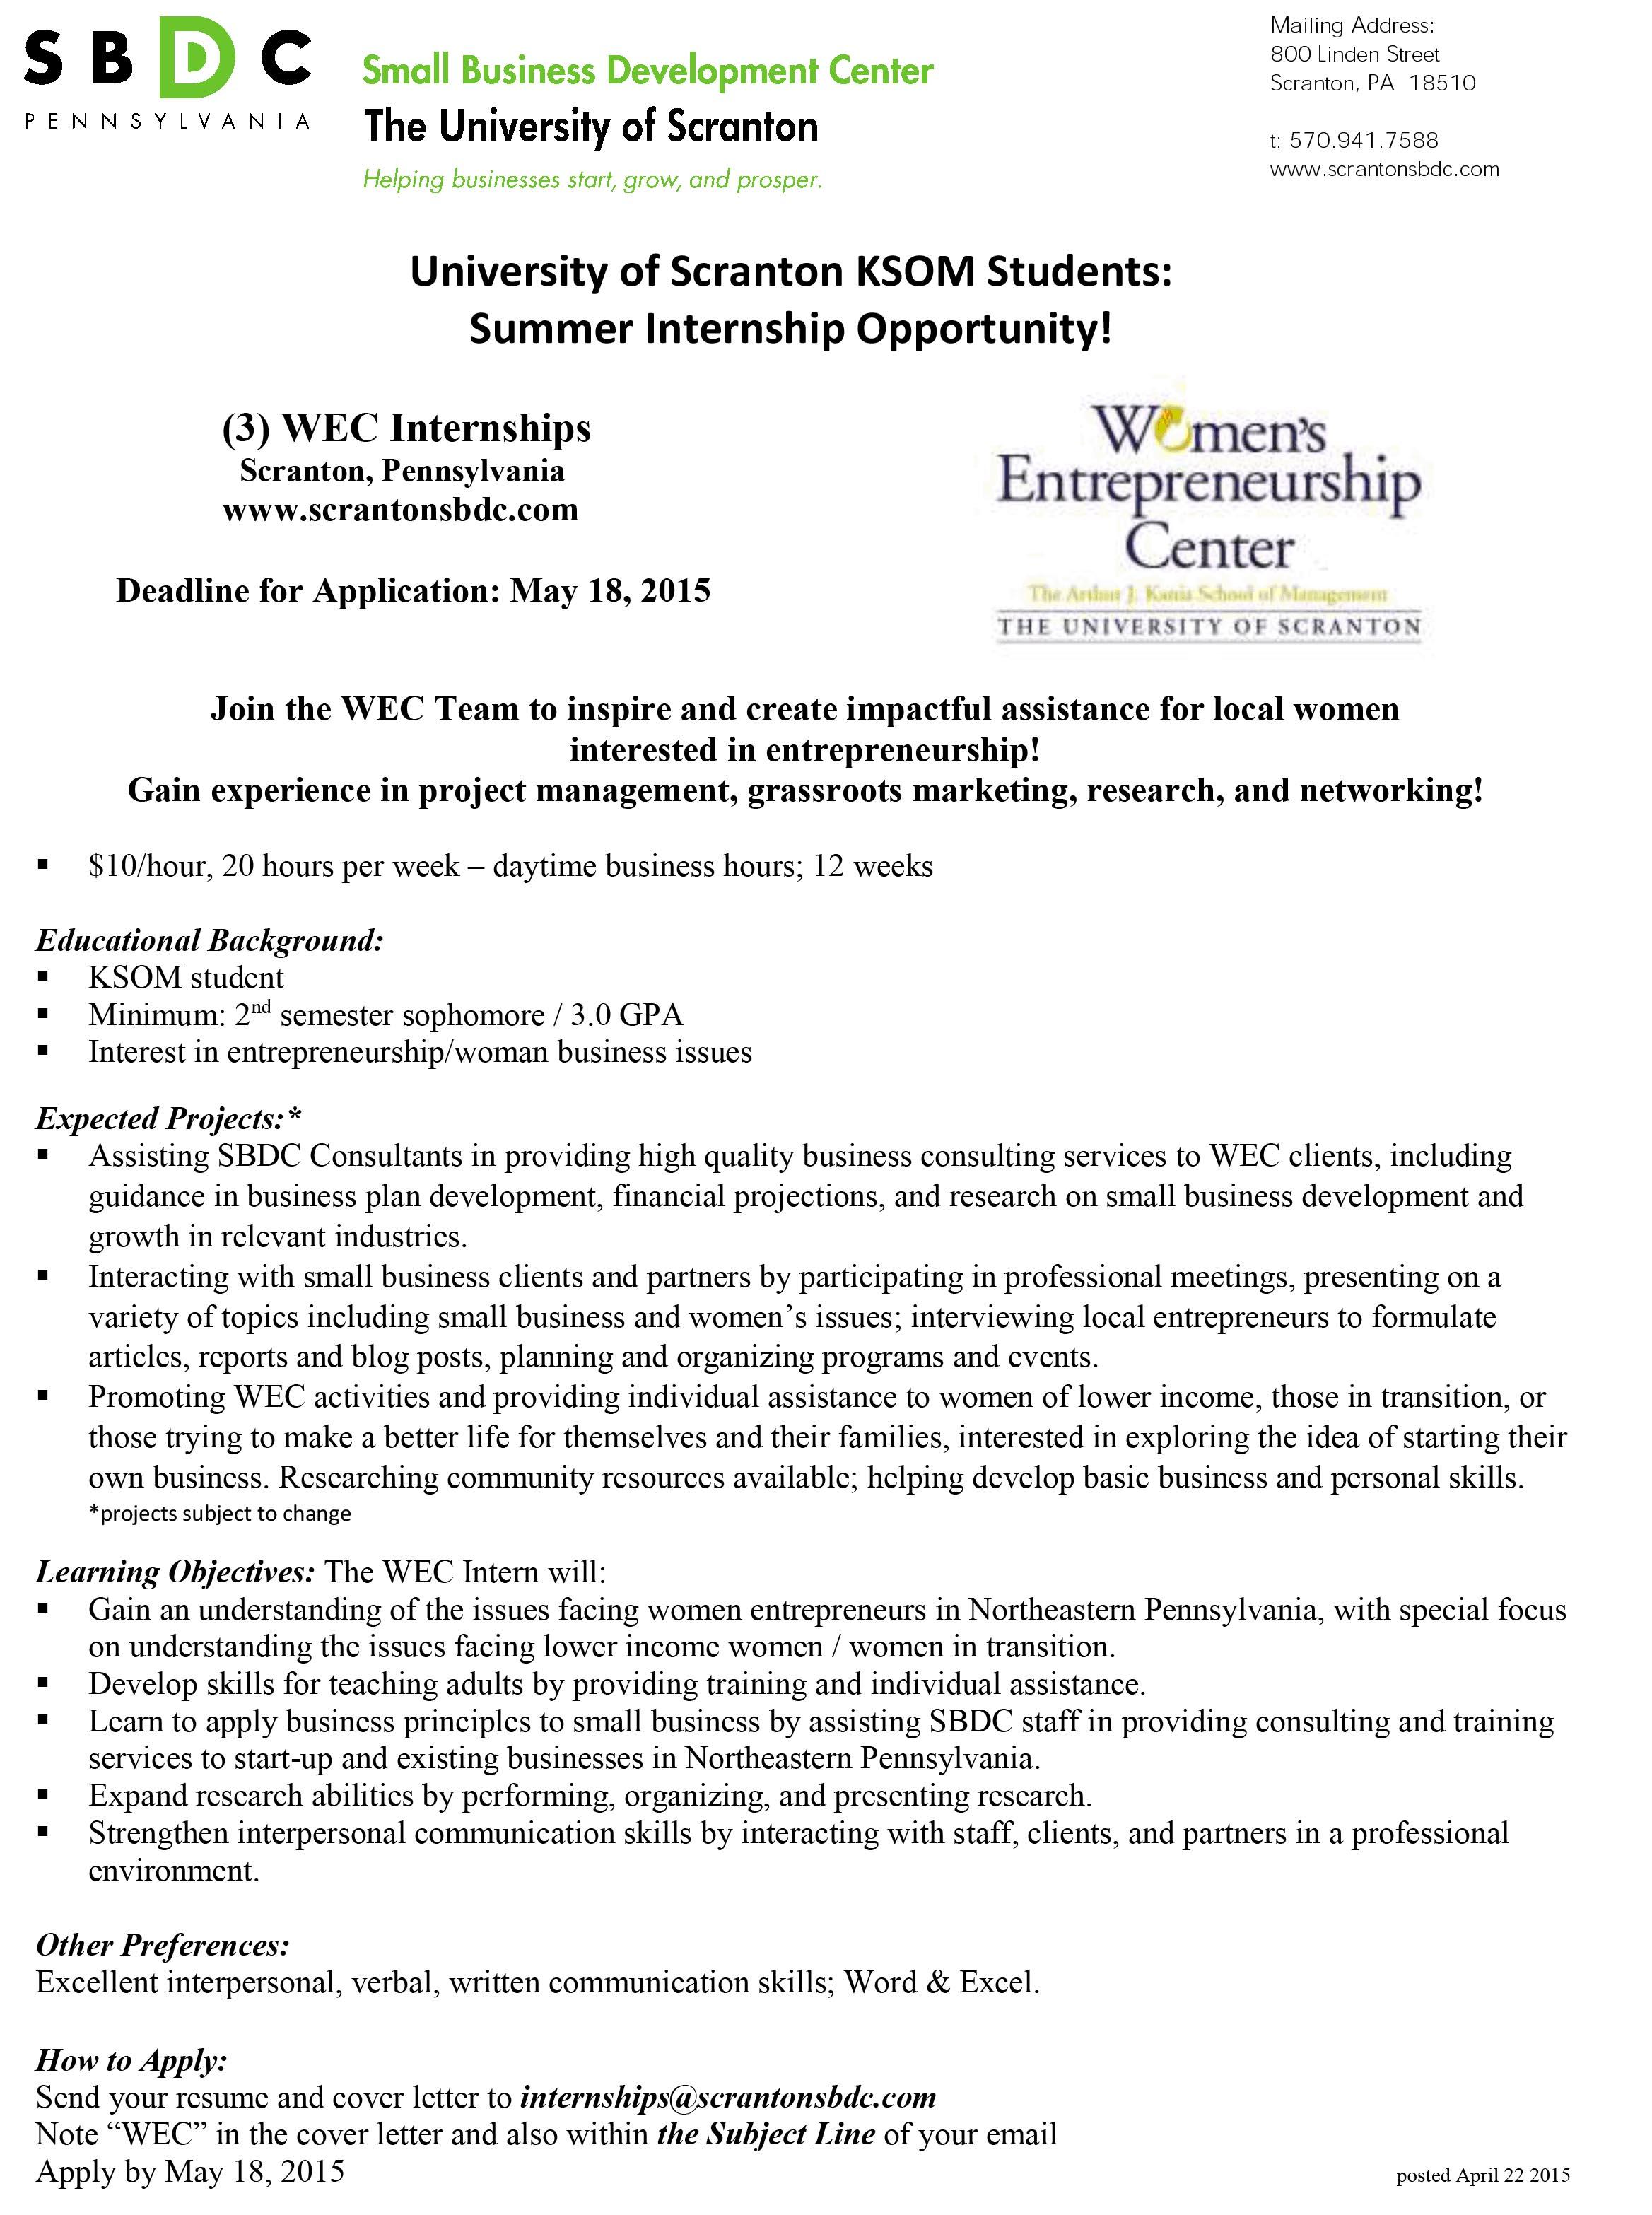 [Entrepreneur Resume And Cover Letter] the entrepreneur